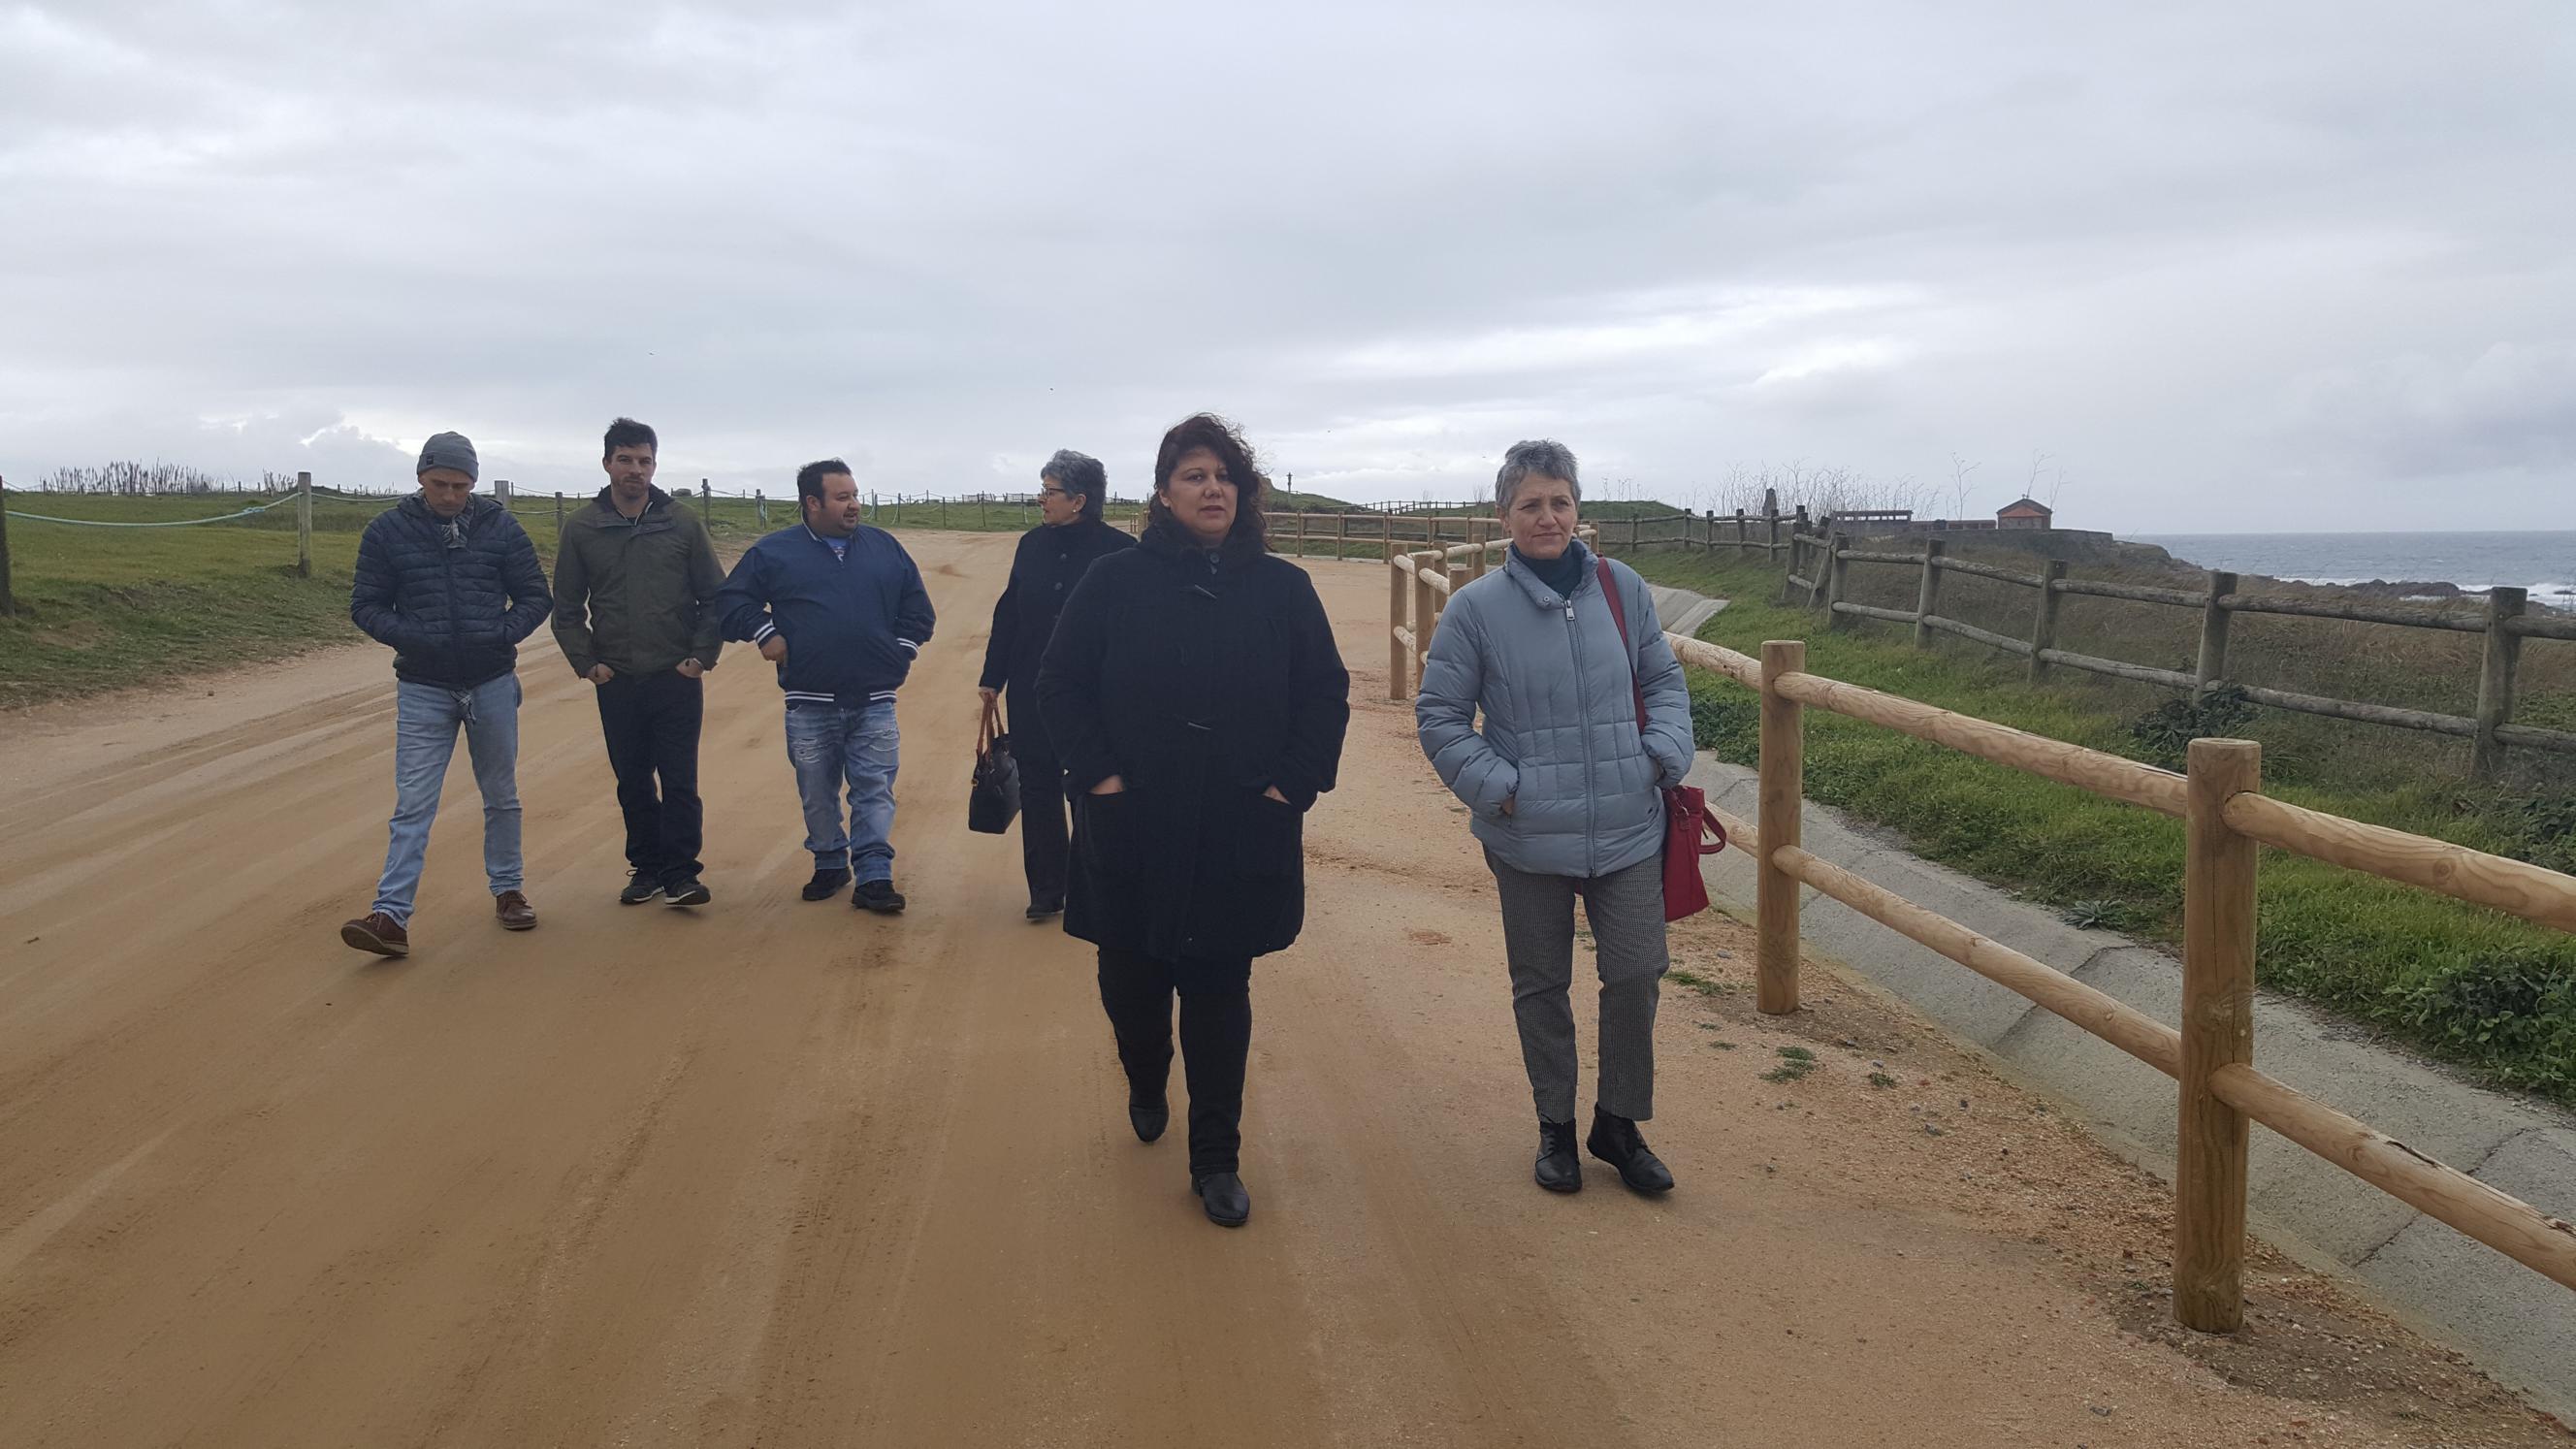 Lidia Senra, á dereita, con Mary Camiña e outros compañeiros de Sanxenxo, na Lanzada_2656x1494